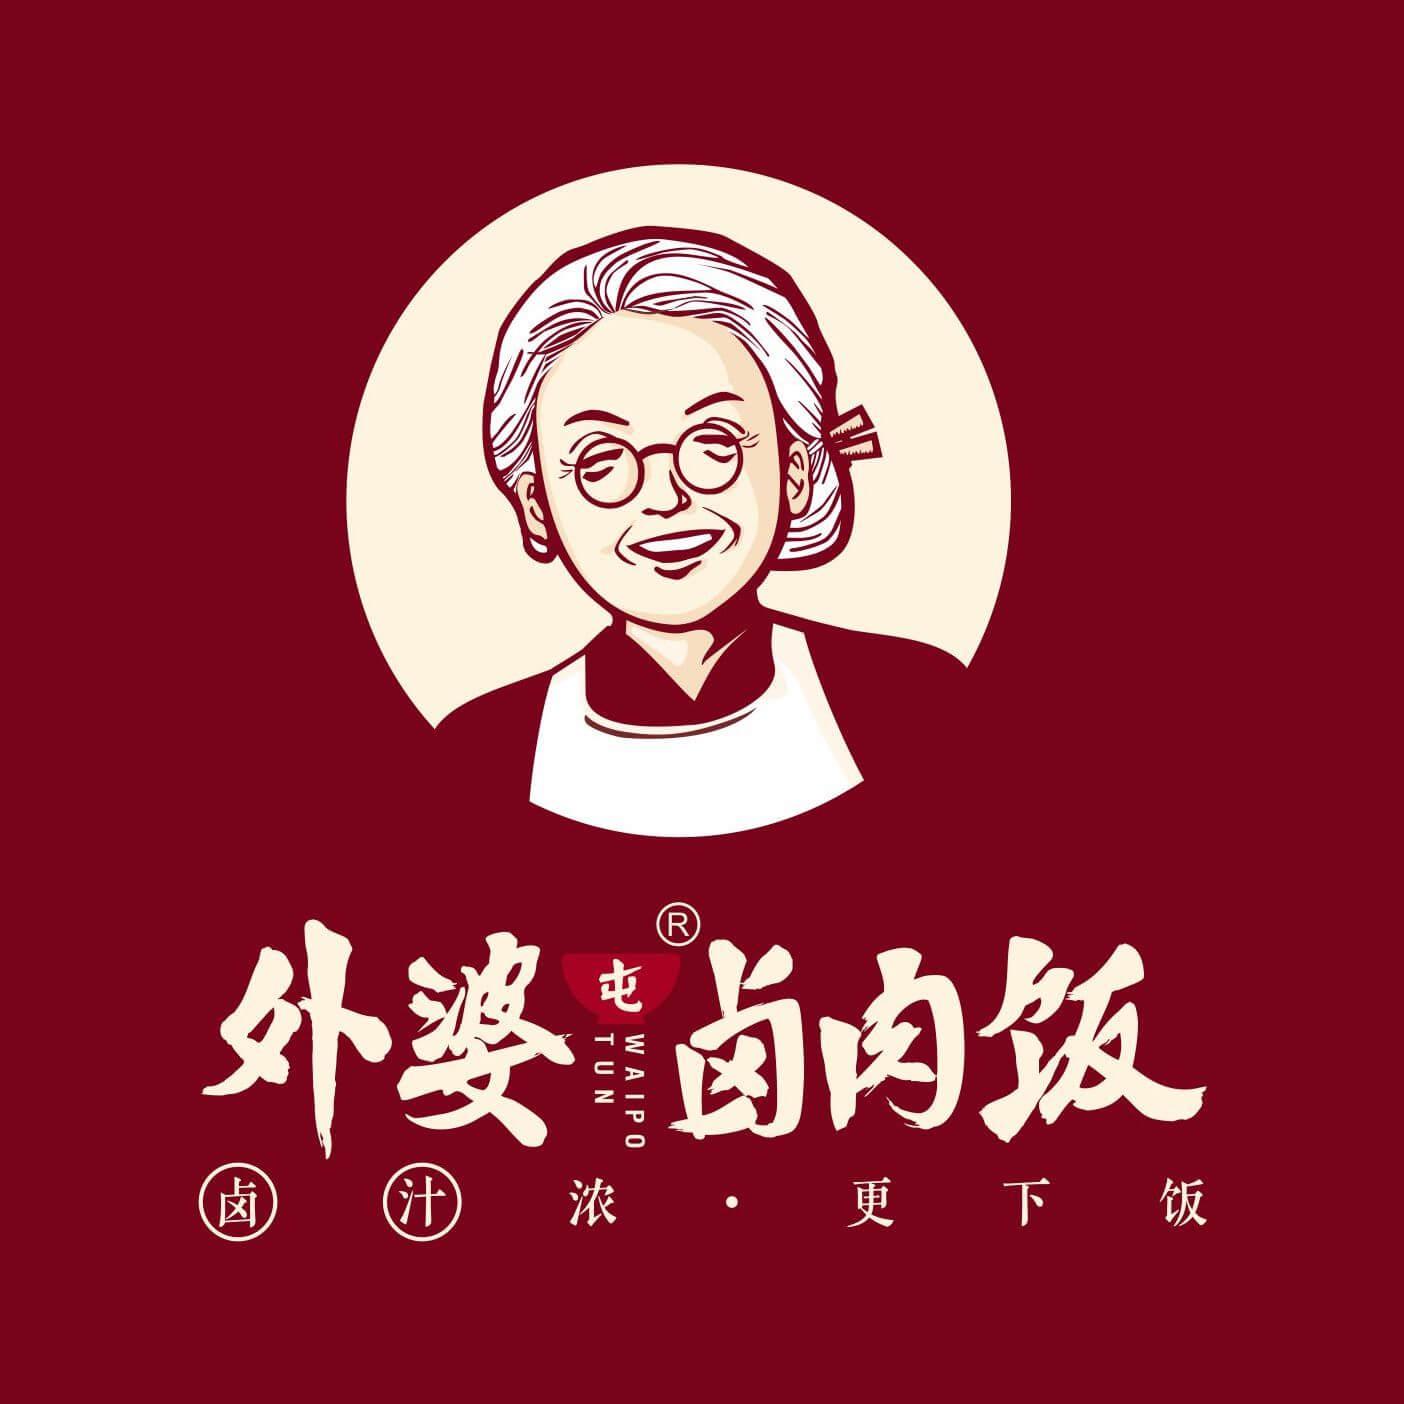 成都鹏扬餐饮管理有限公司